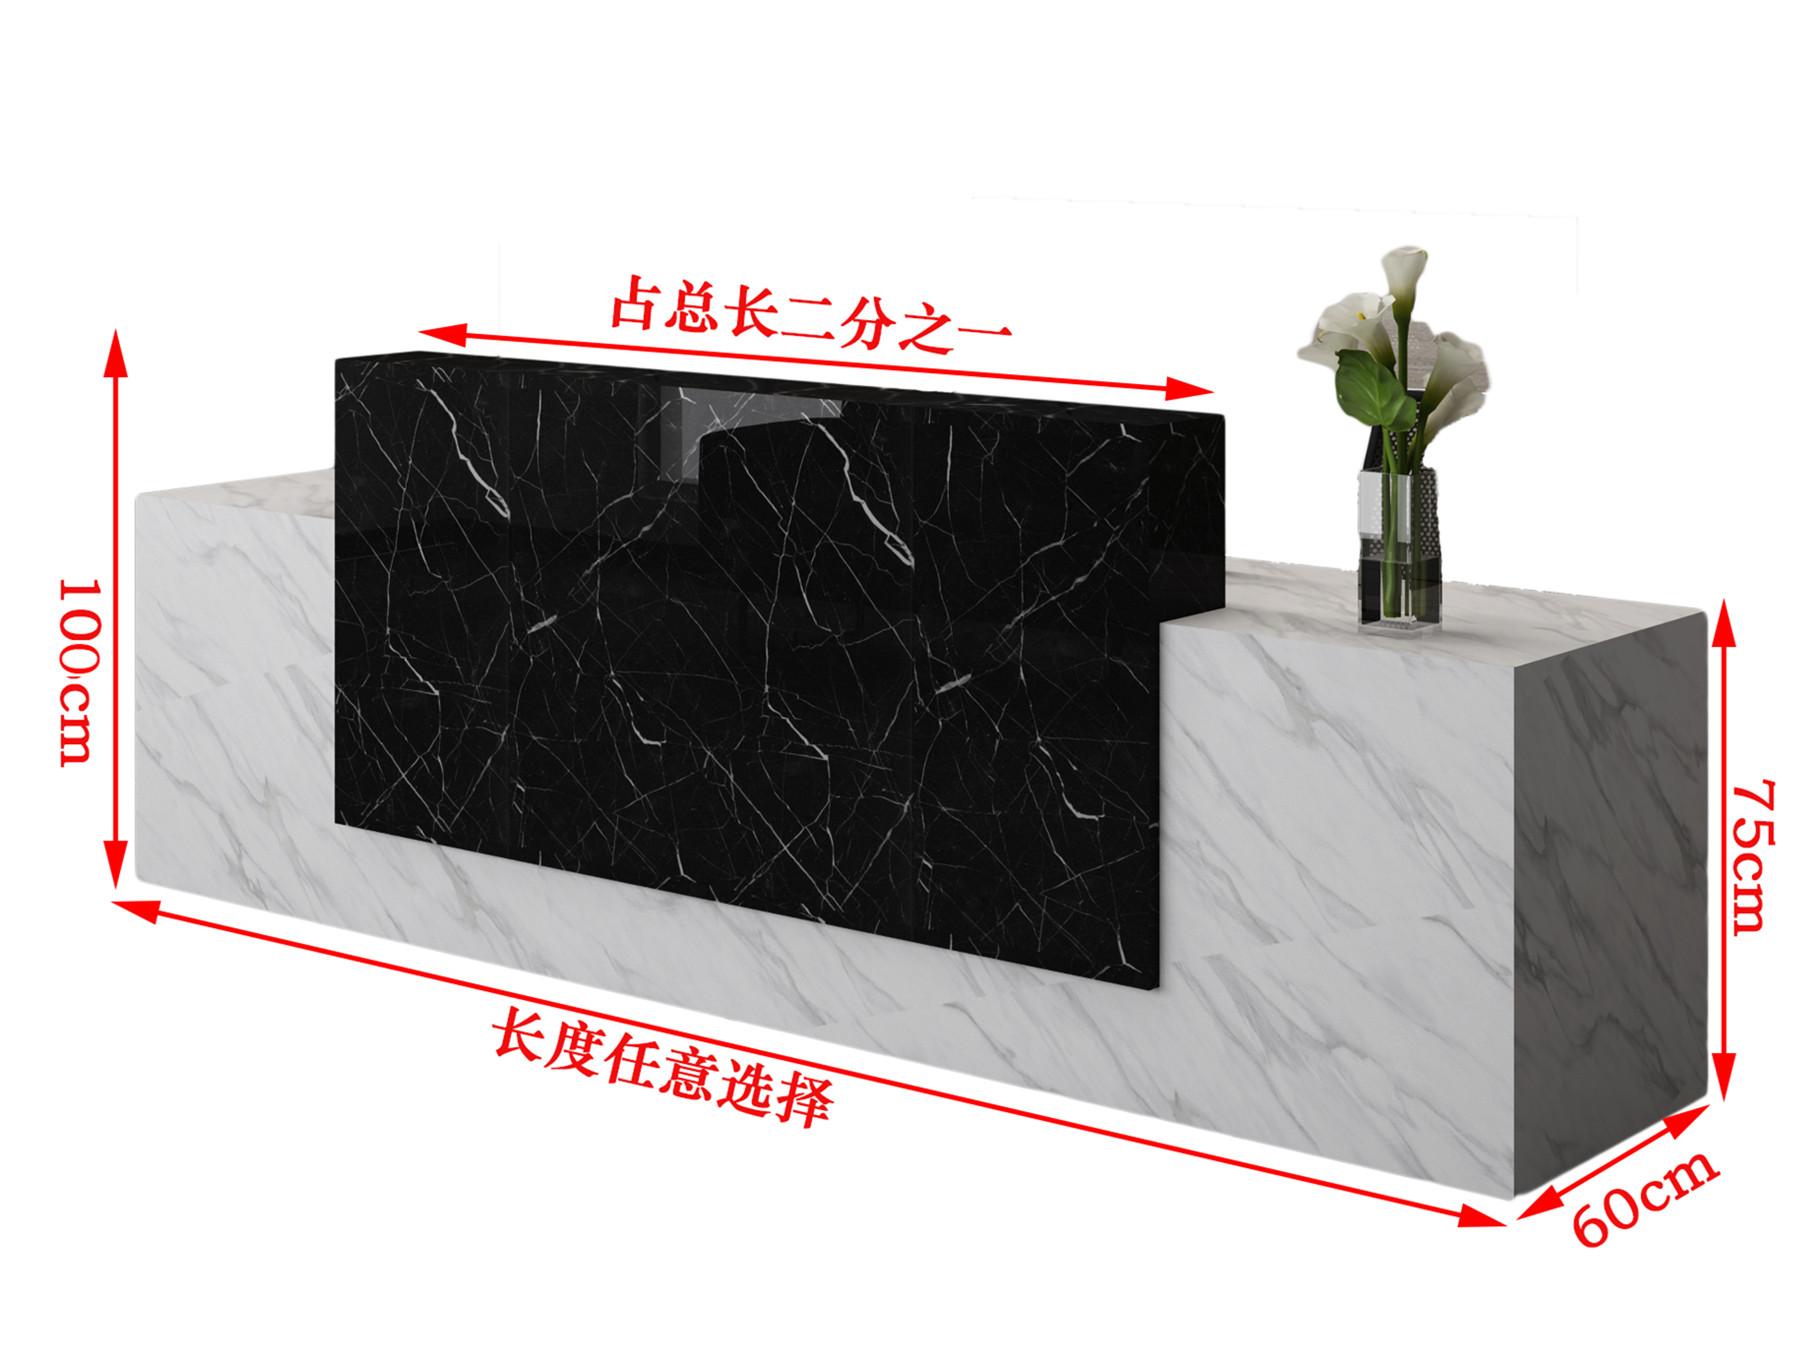 大理石前台接待台尺寸